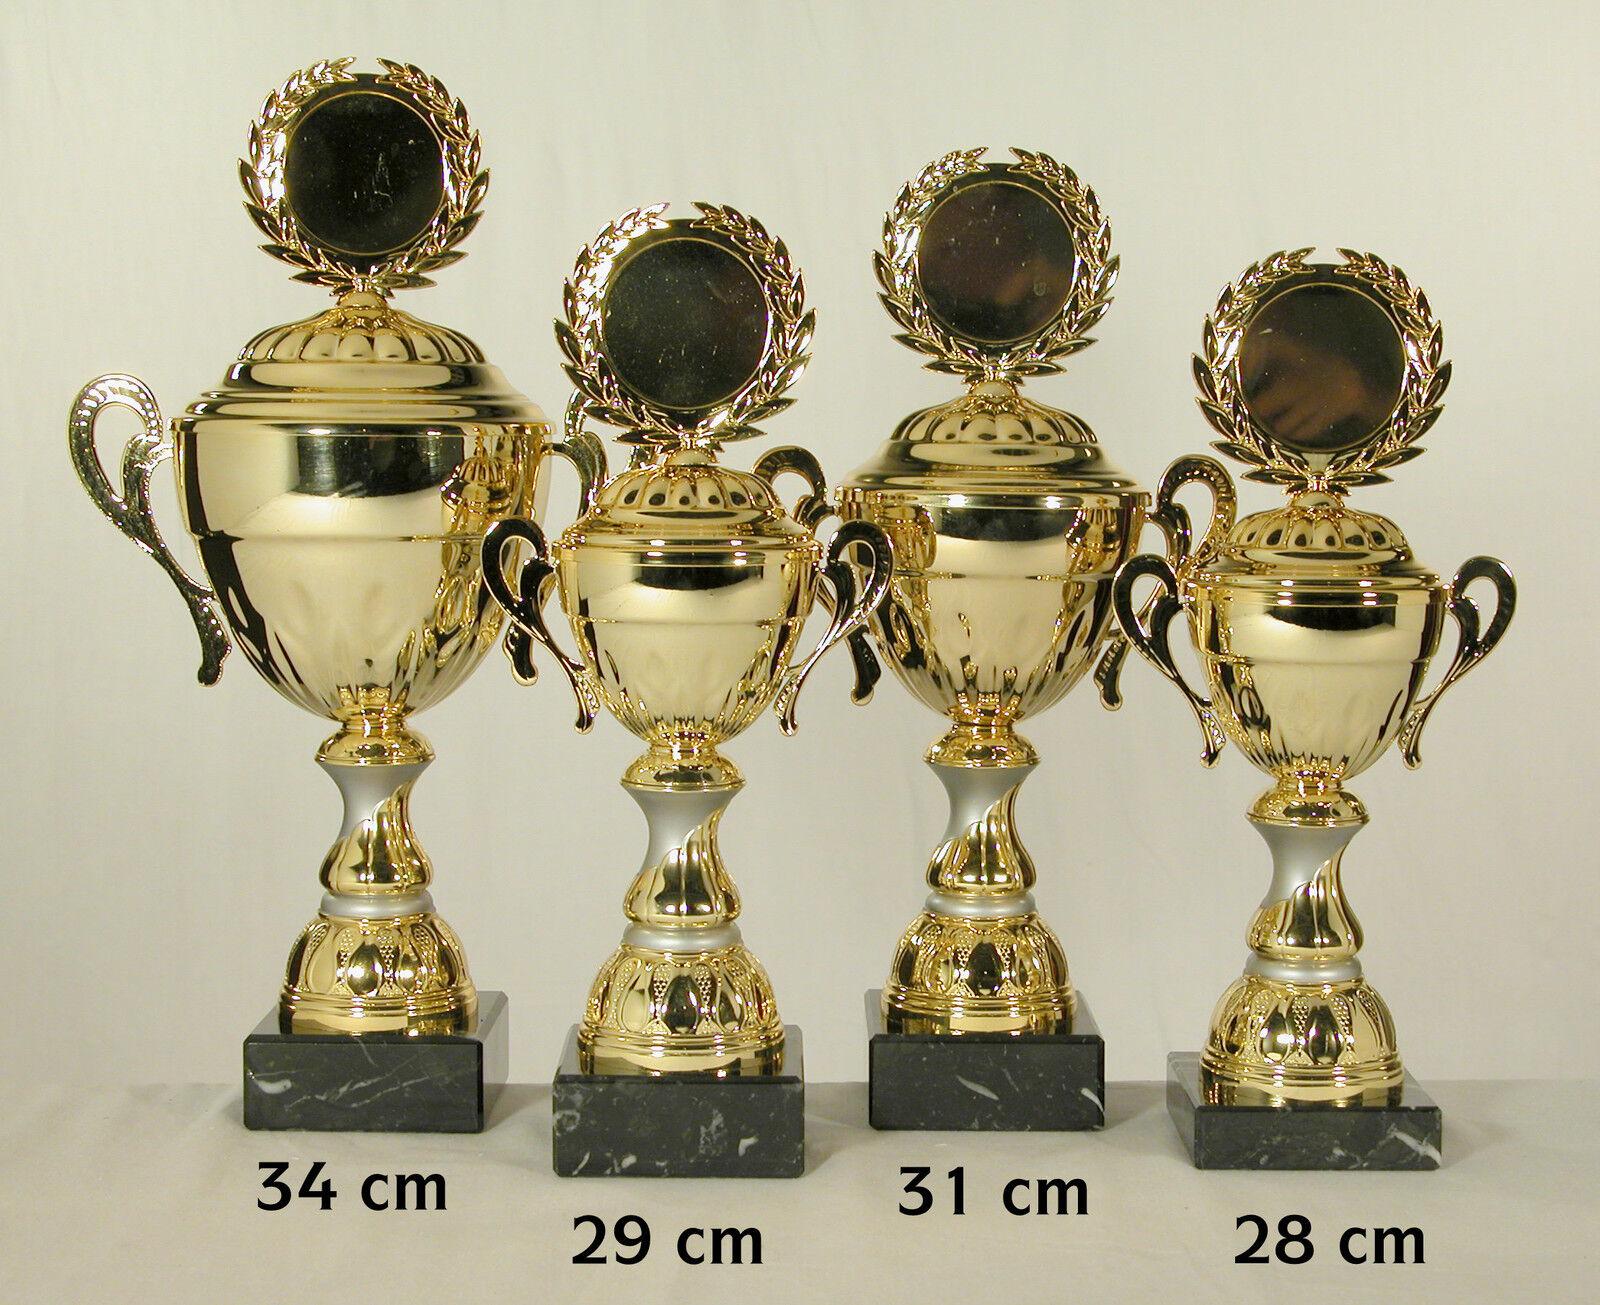 4 Pokale goldfarben  34 - 31 - 29 - 28 cm eischl. Text und Emblem.